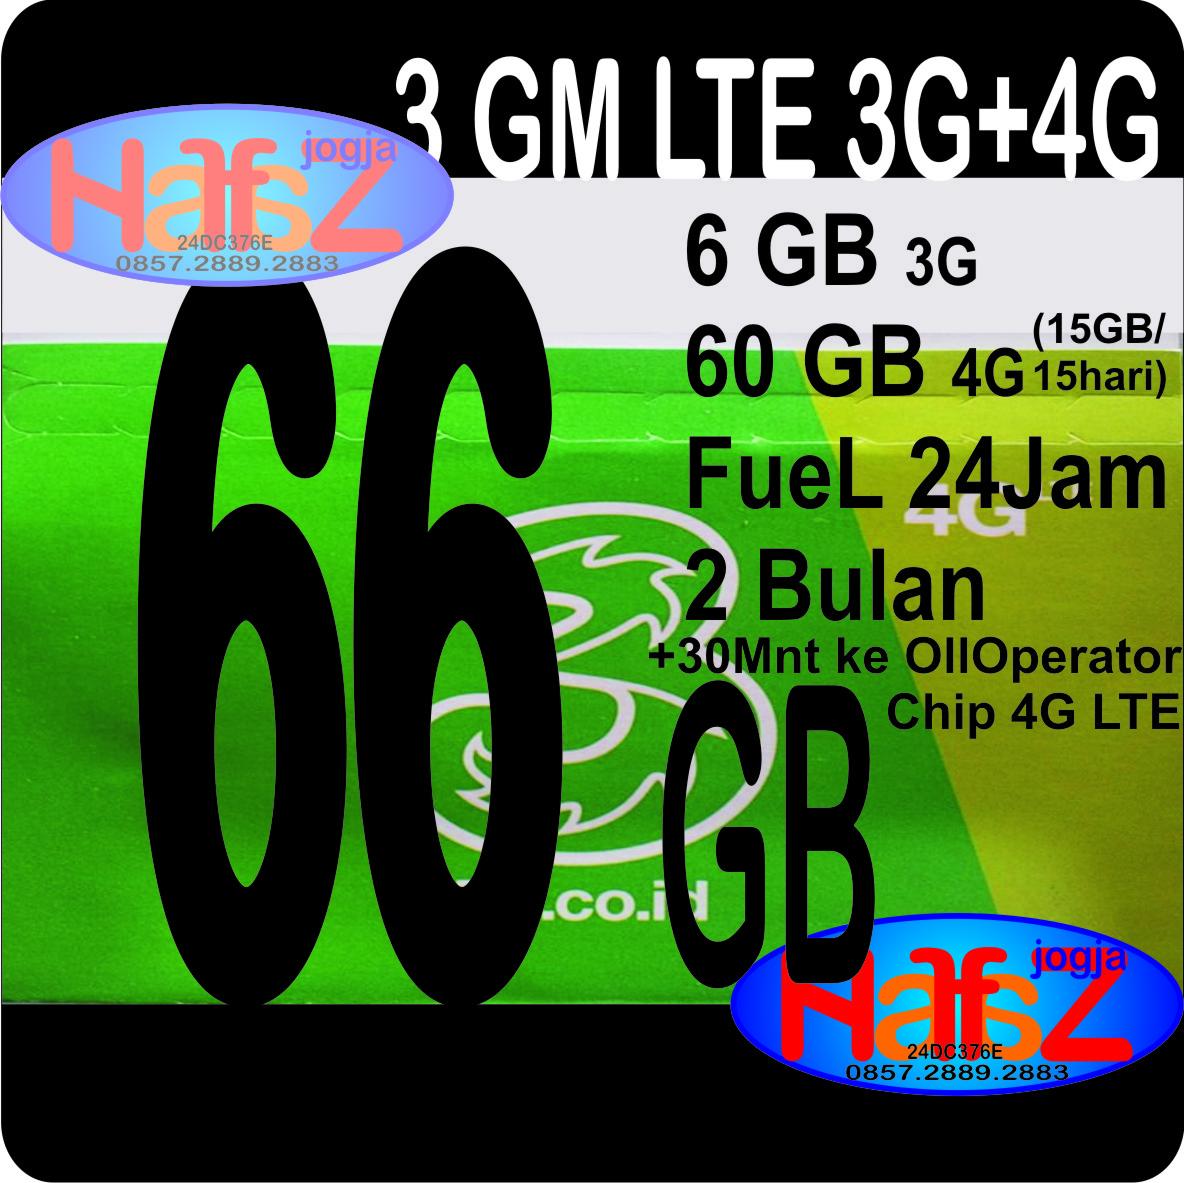 Halfaz Jogja Tri Lte 66gb 6gb 60gb 4g Jan17 Paket Aon 2gb 1gb Dan Extra Spesifikasi Chip 64kb Total Kuota 66 Gb 6 Di 3g 60 Berikan 15gb 15 Hari